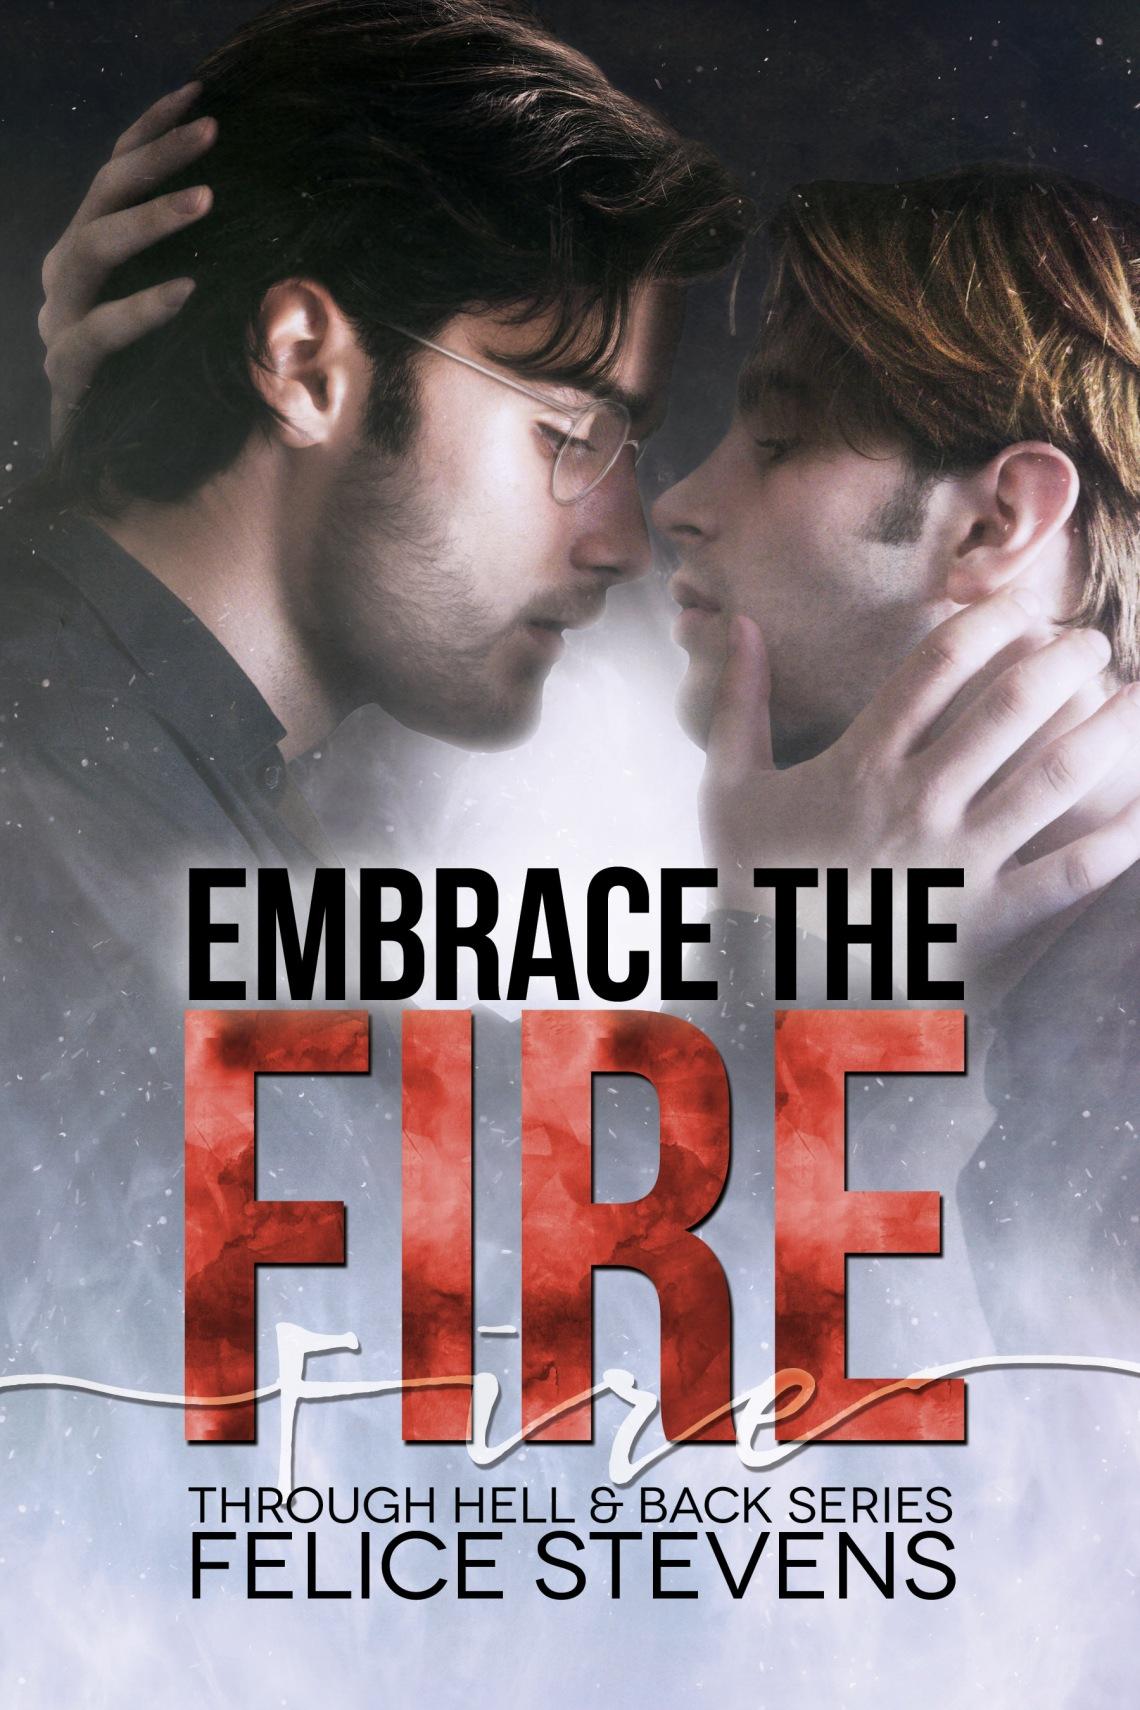 EmbraceTheFire-1800x2700.jpg